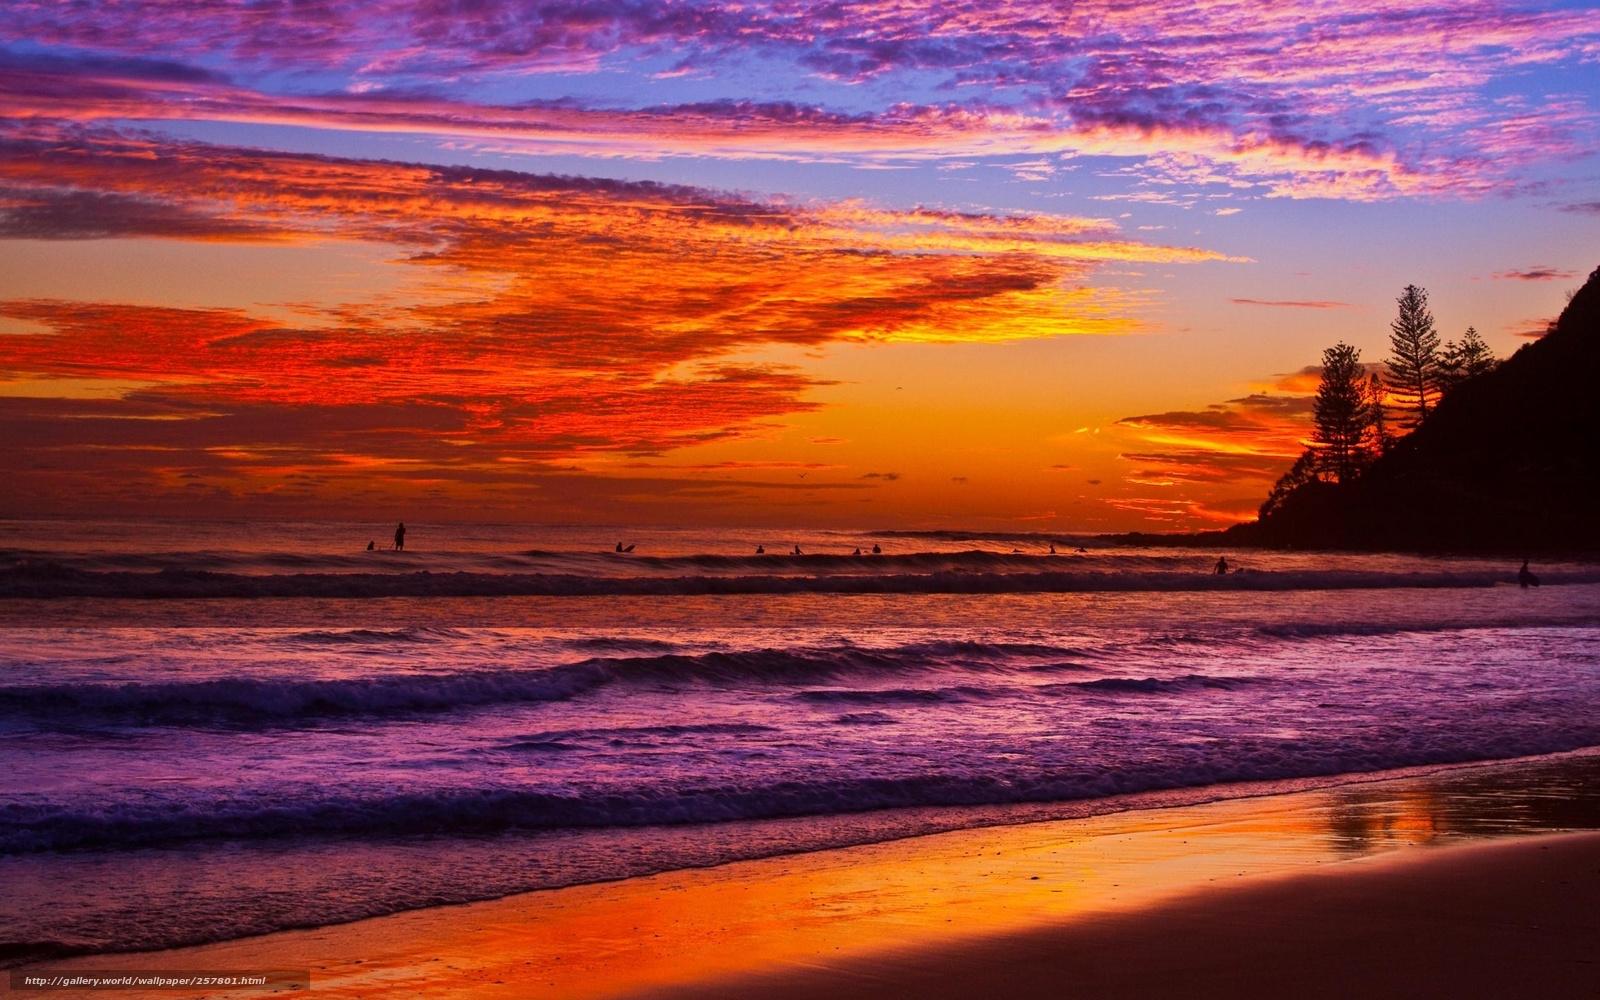 日落简笔画图片带颜色